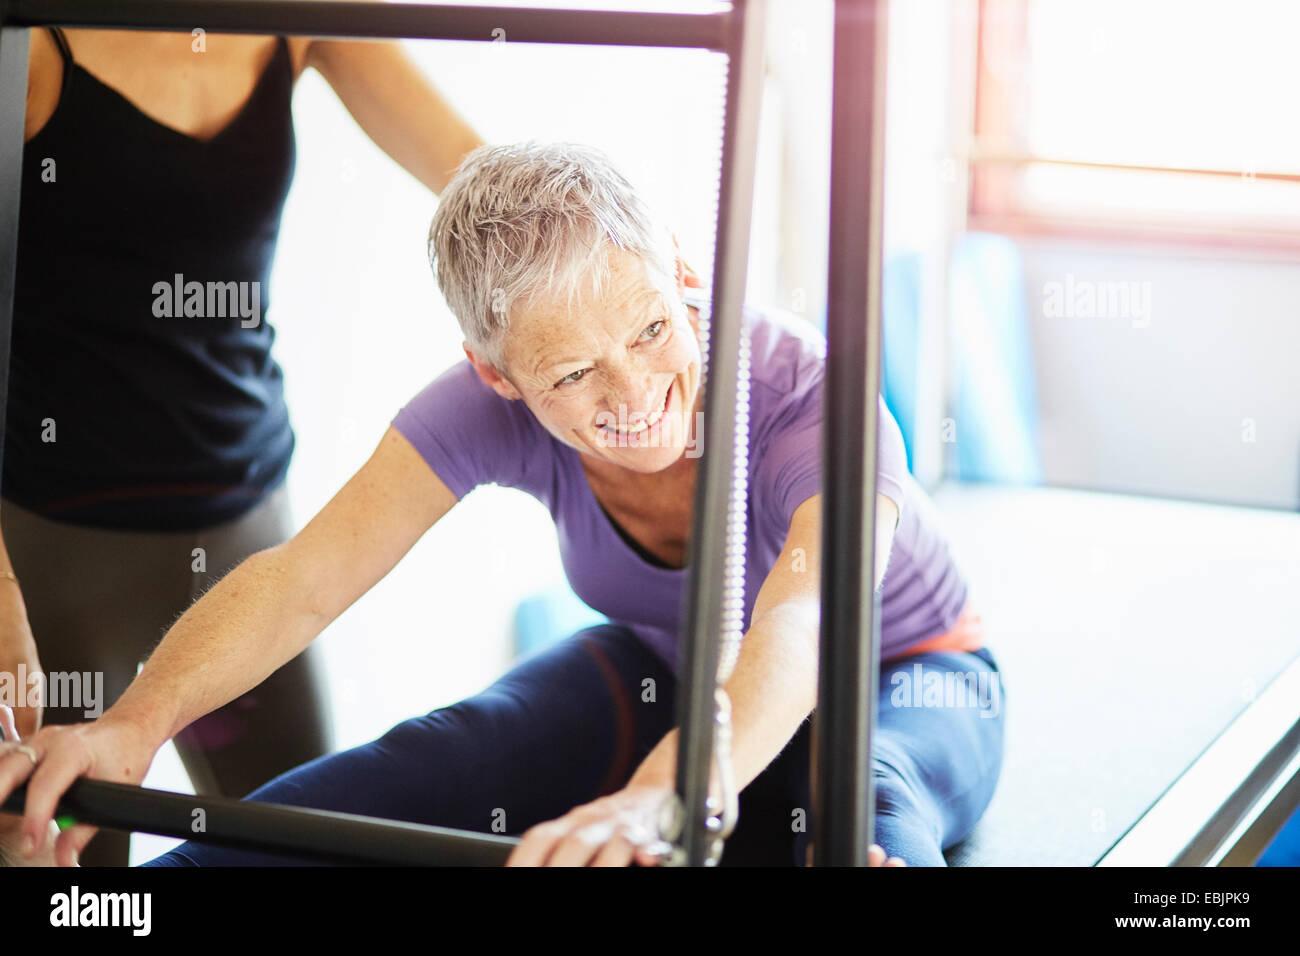 Mujer madura y tutor practicando Pilates en trapecio tabla de pilates gimnasio Imagen De Stock